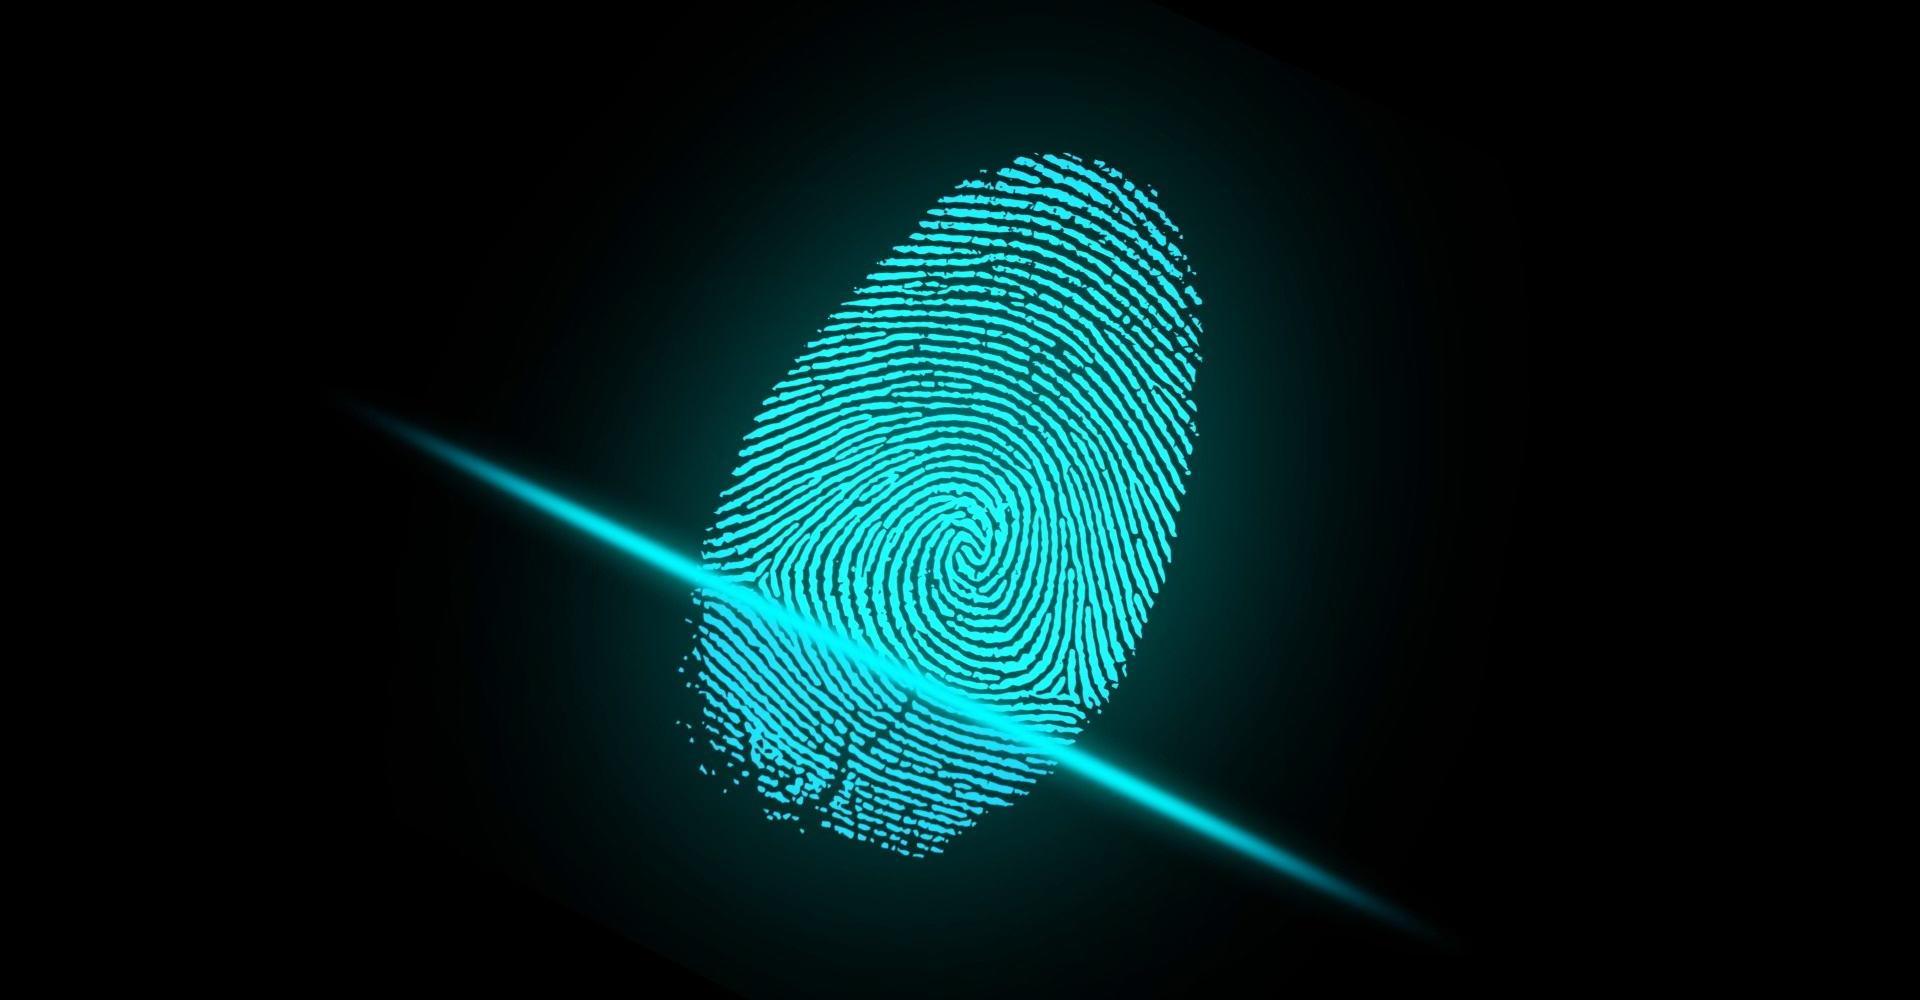 Отпечатки пальцев в контексте нейронаук